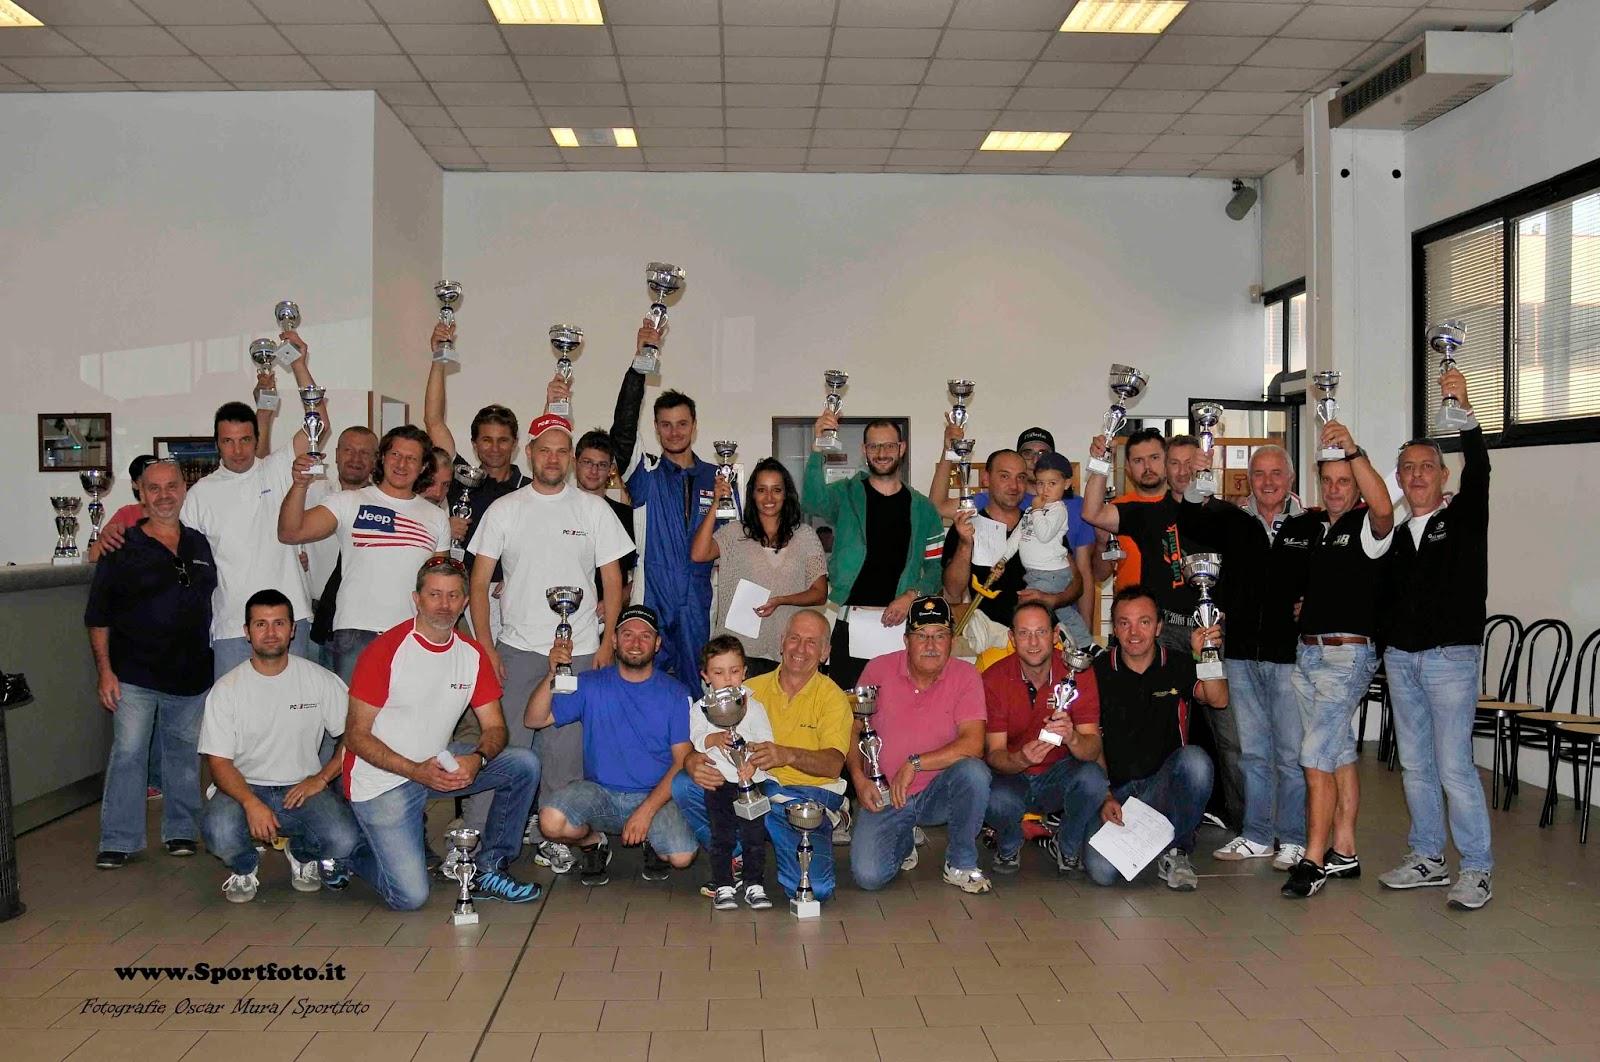 Calendario Fiera Montichiari.Risultati 68 Trofeo Centro Fiera Montichiari Formulachallenge